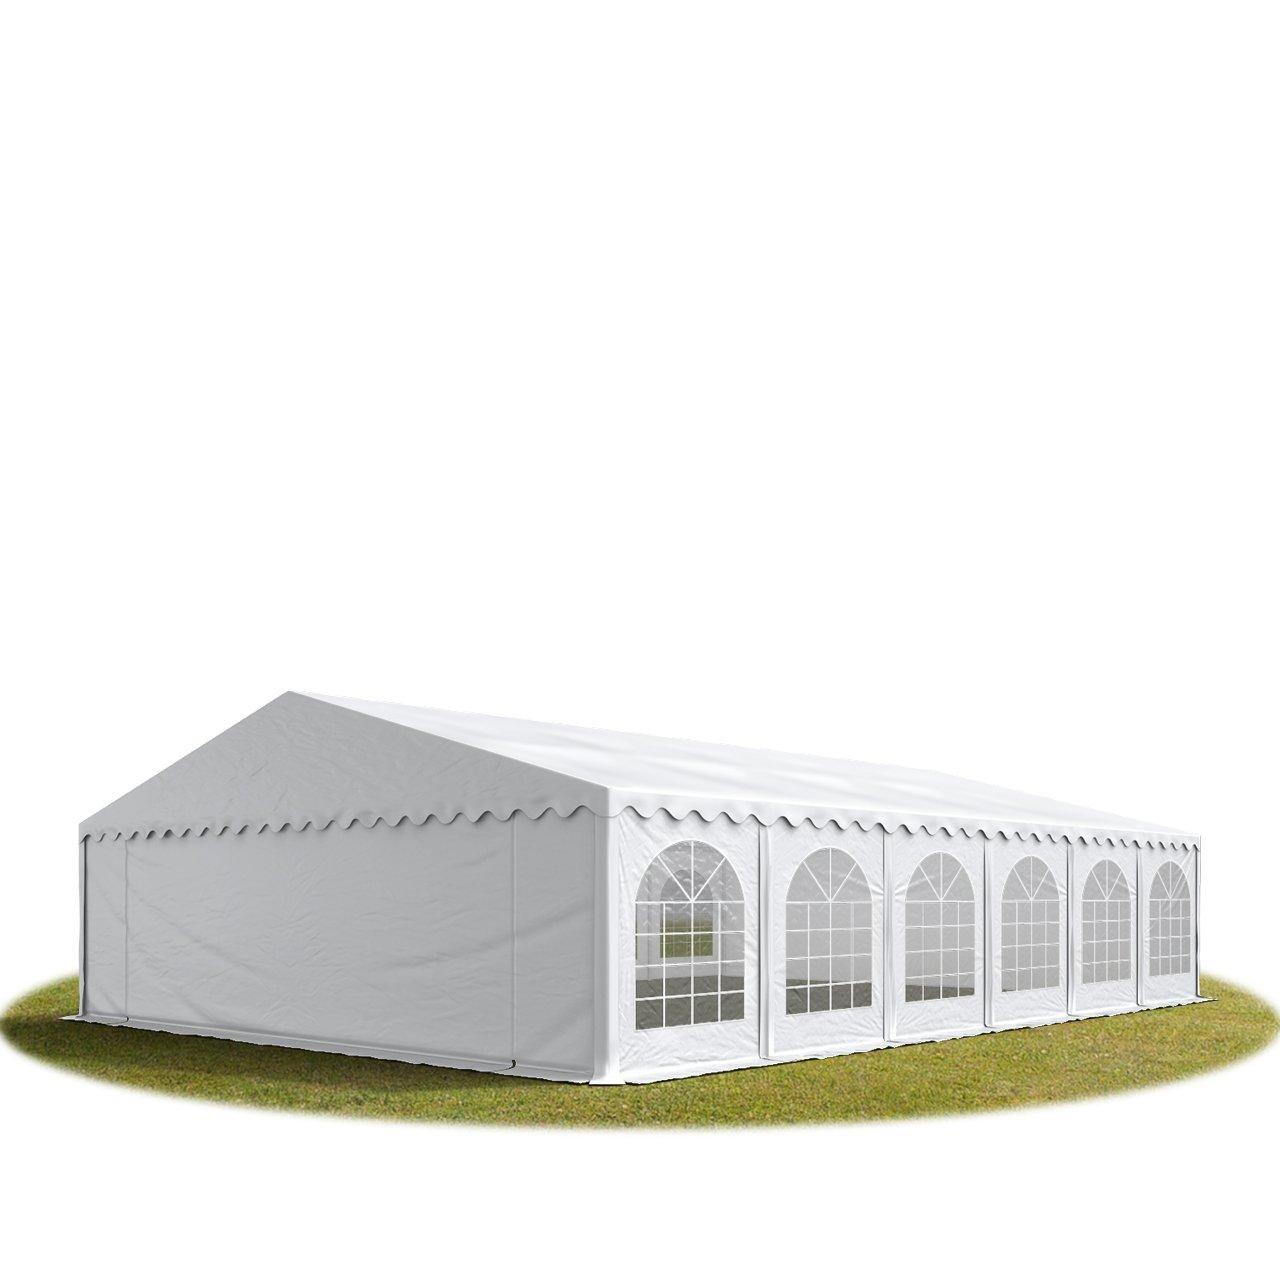 Festzelt Partyzelt 8x12m, hochwertige 500g/m² feuersichere PVC Plane nach DIN in weiß, 100% wasserdicht, vollverzinkte Stahlkonstruktion mit Verbolzung